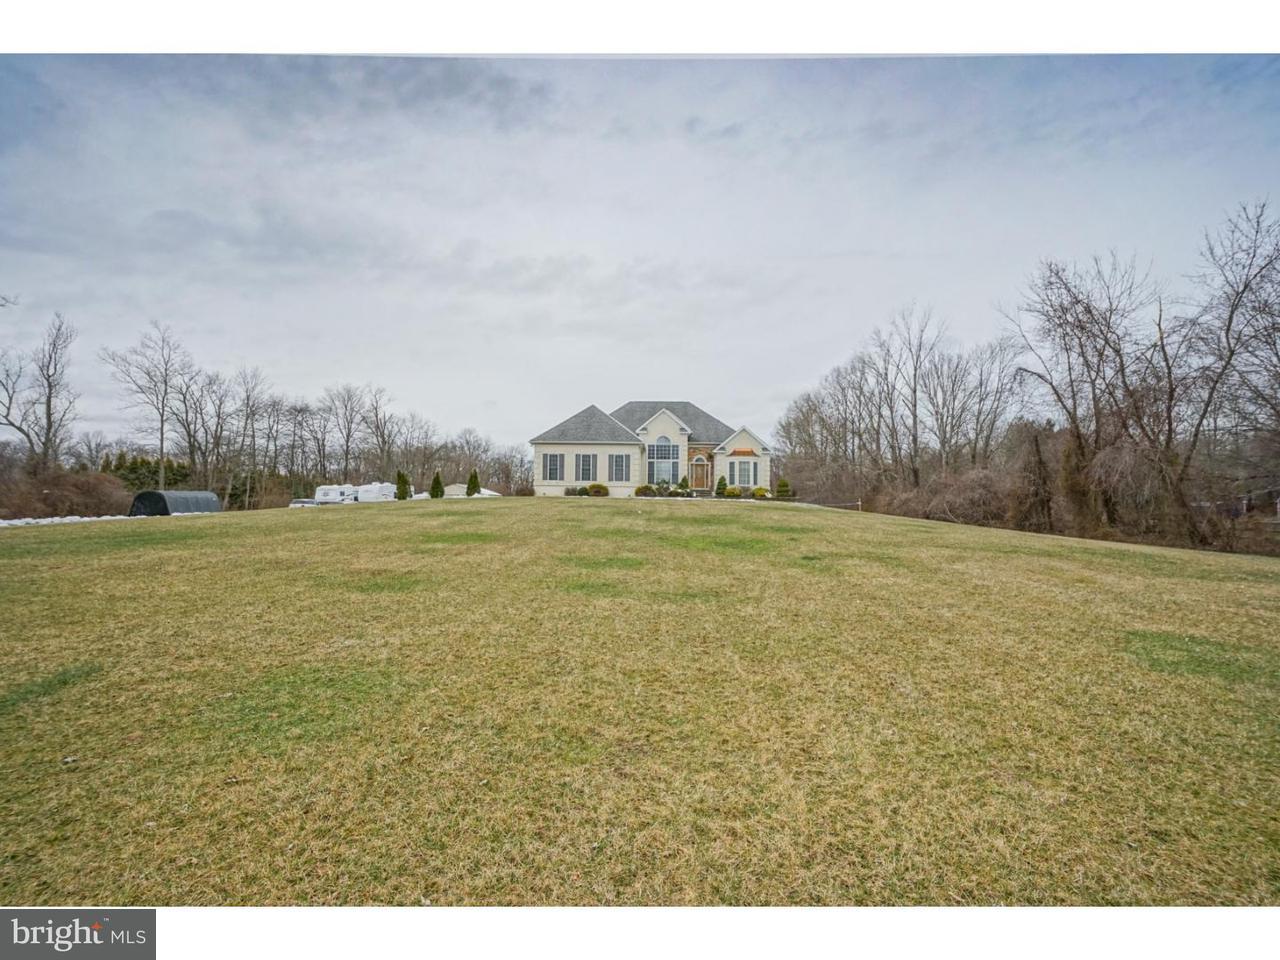 Частный односемейный дом для того Продажа на 1261 JACKSONVILLE SMITHVILLE Bordentown, Нью-Джерси 08060 Соединенные Штаты